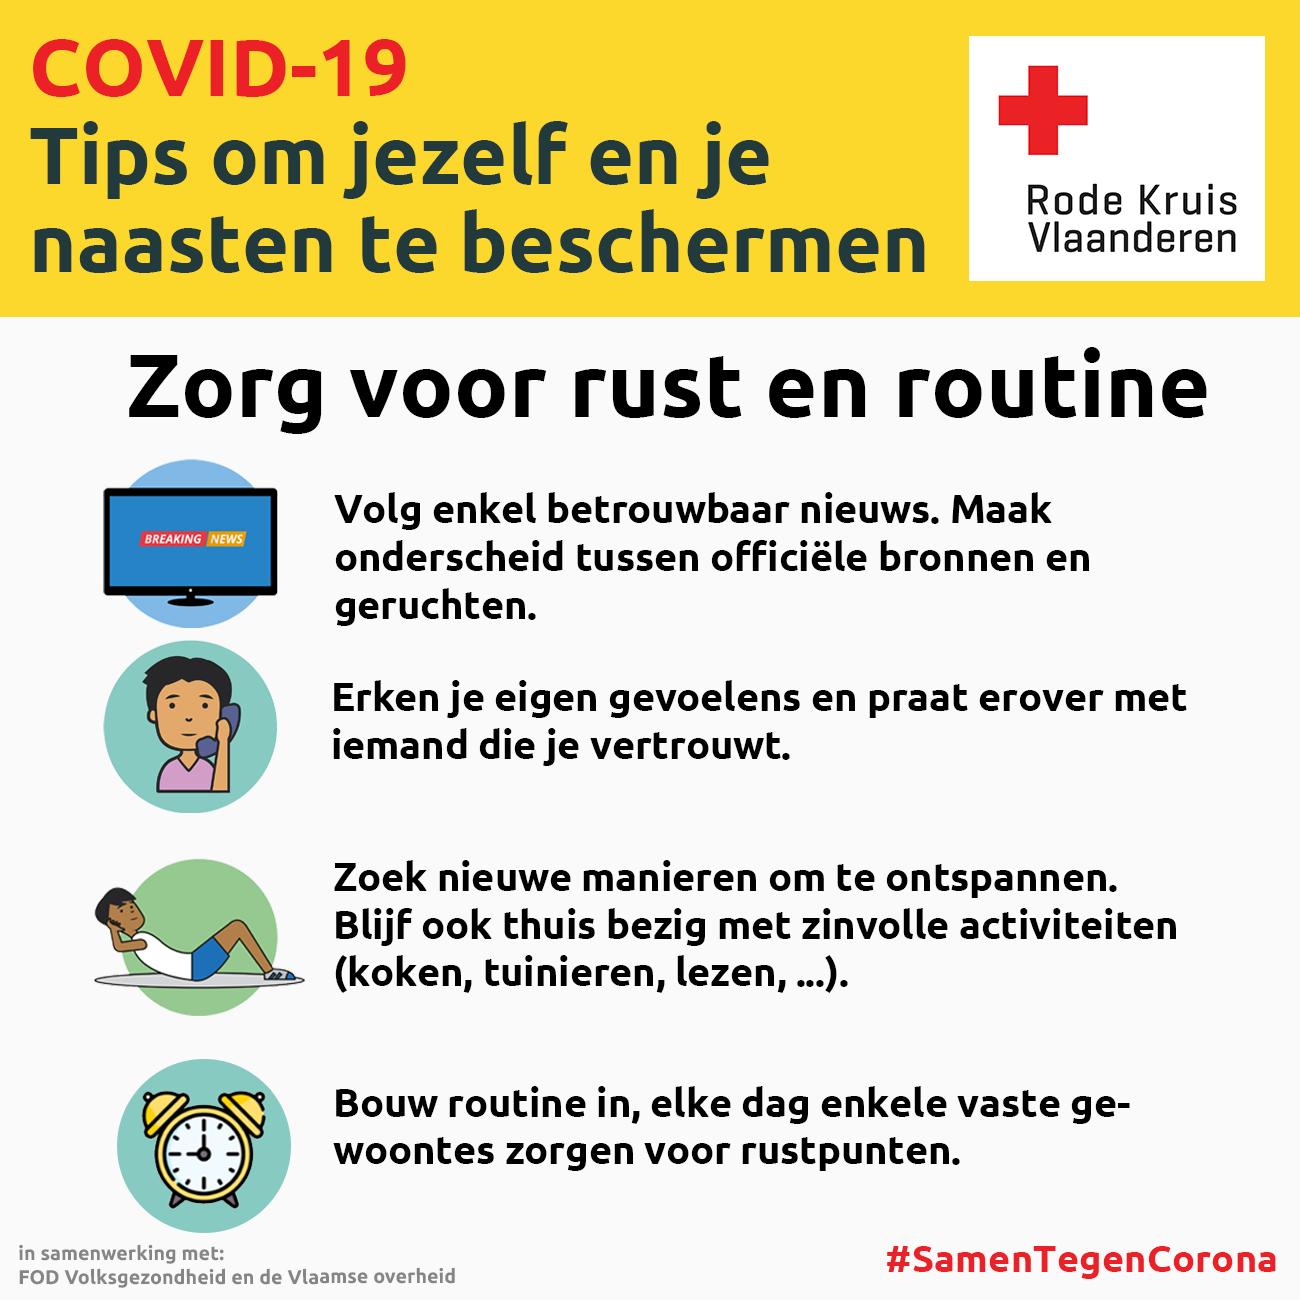 Coronavirus: zorg voor rust en routine